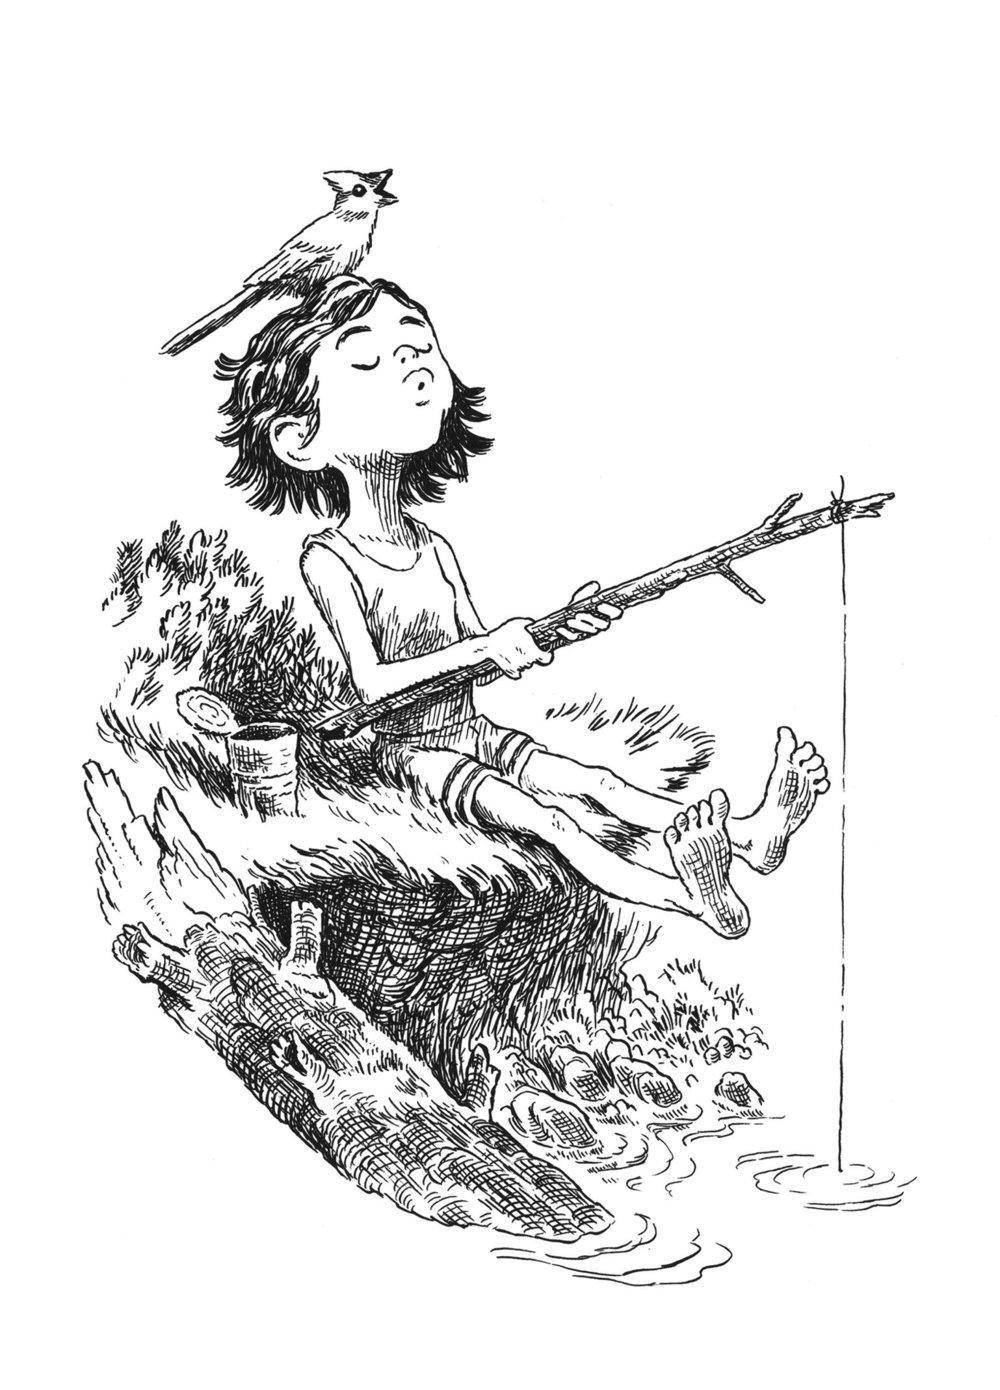 Critter+Girl+2.jpg